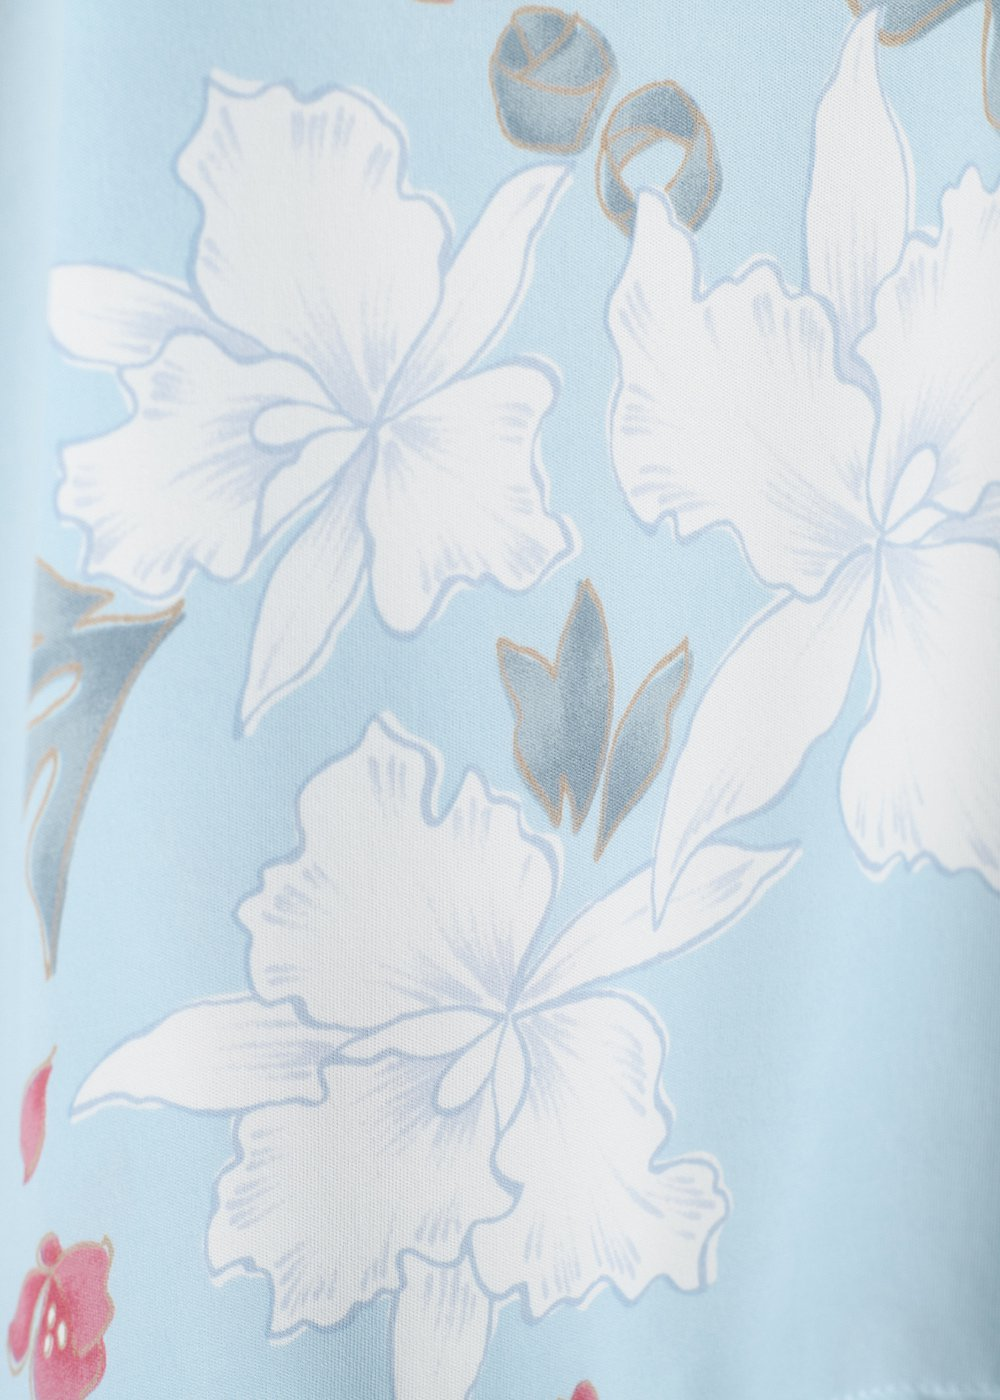 かりゆしウェア(沖縄版アロハシャツ) MAJUN - ブーゲンセレブレイト